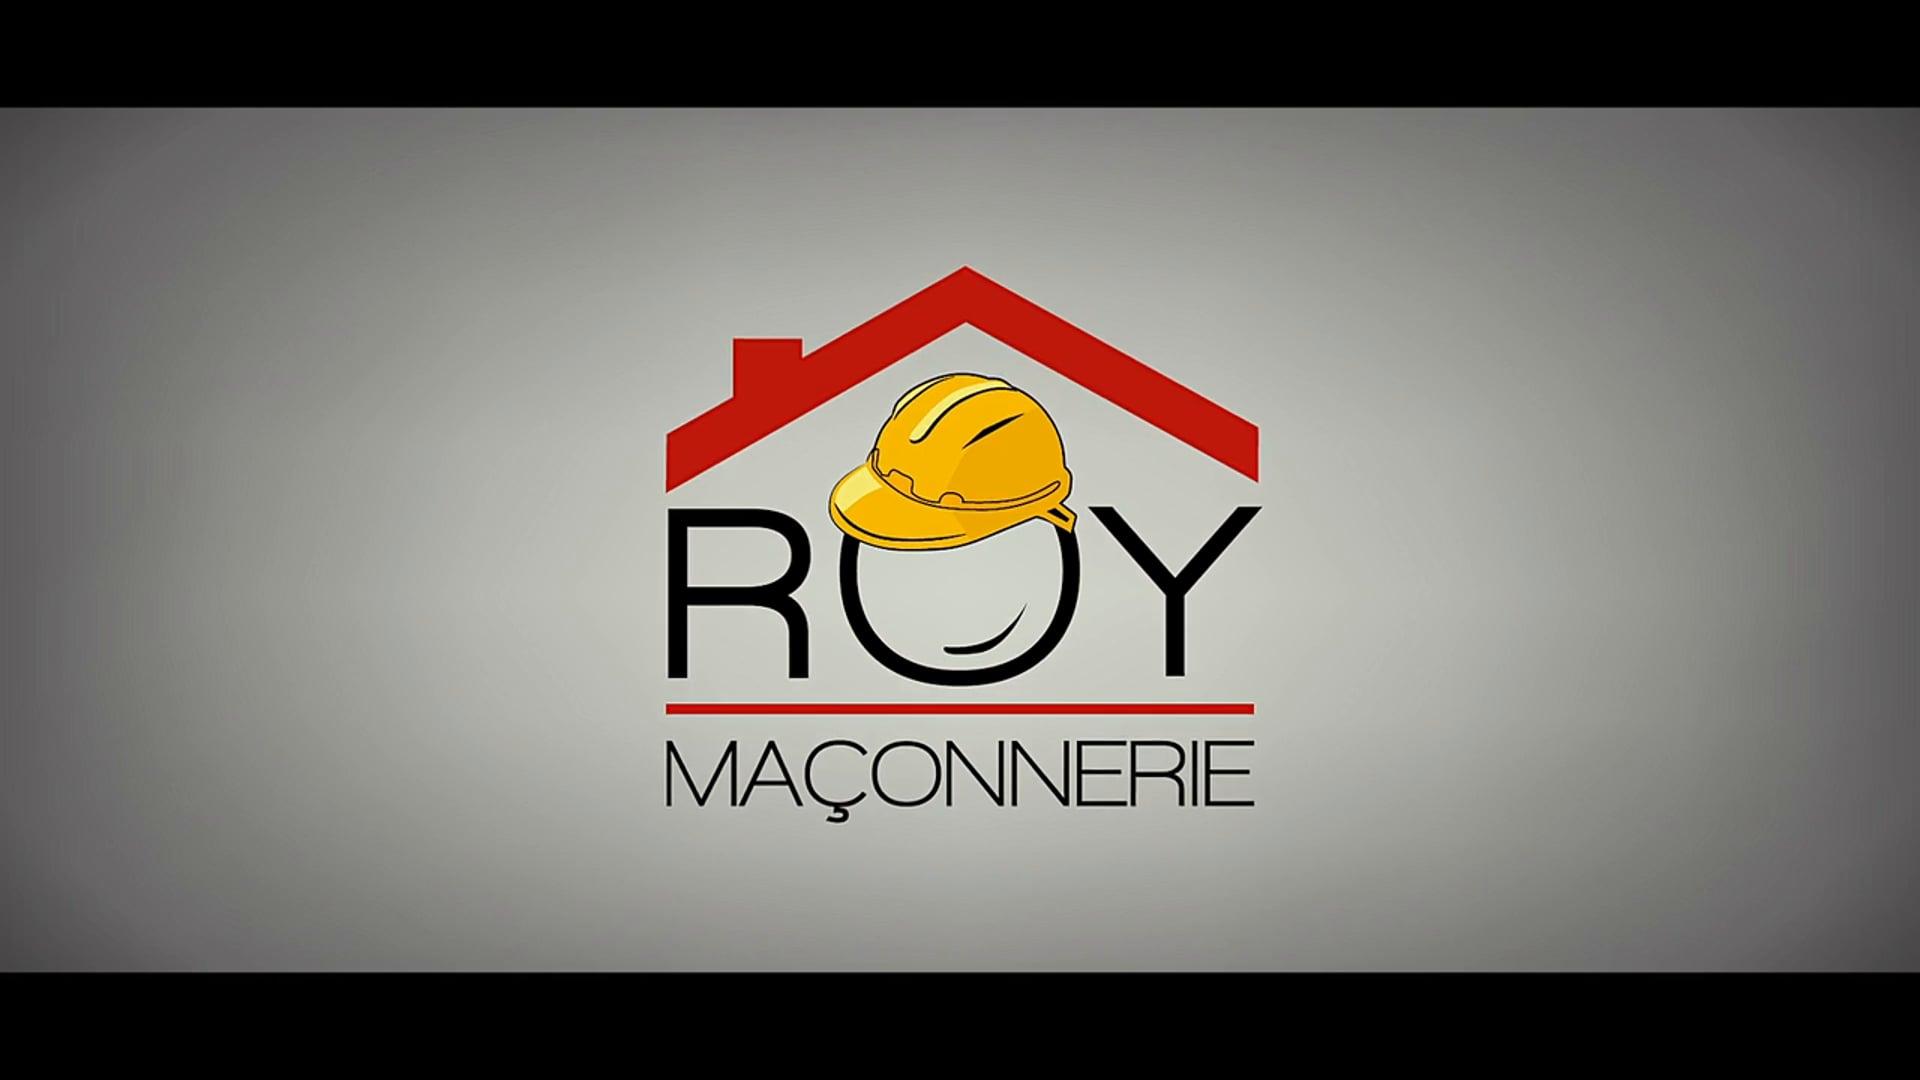 Roy Maçonnerie